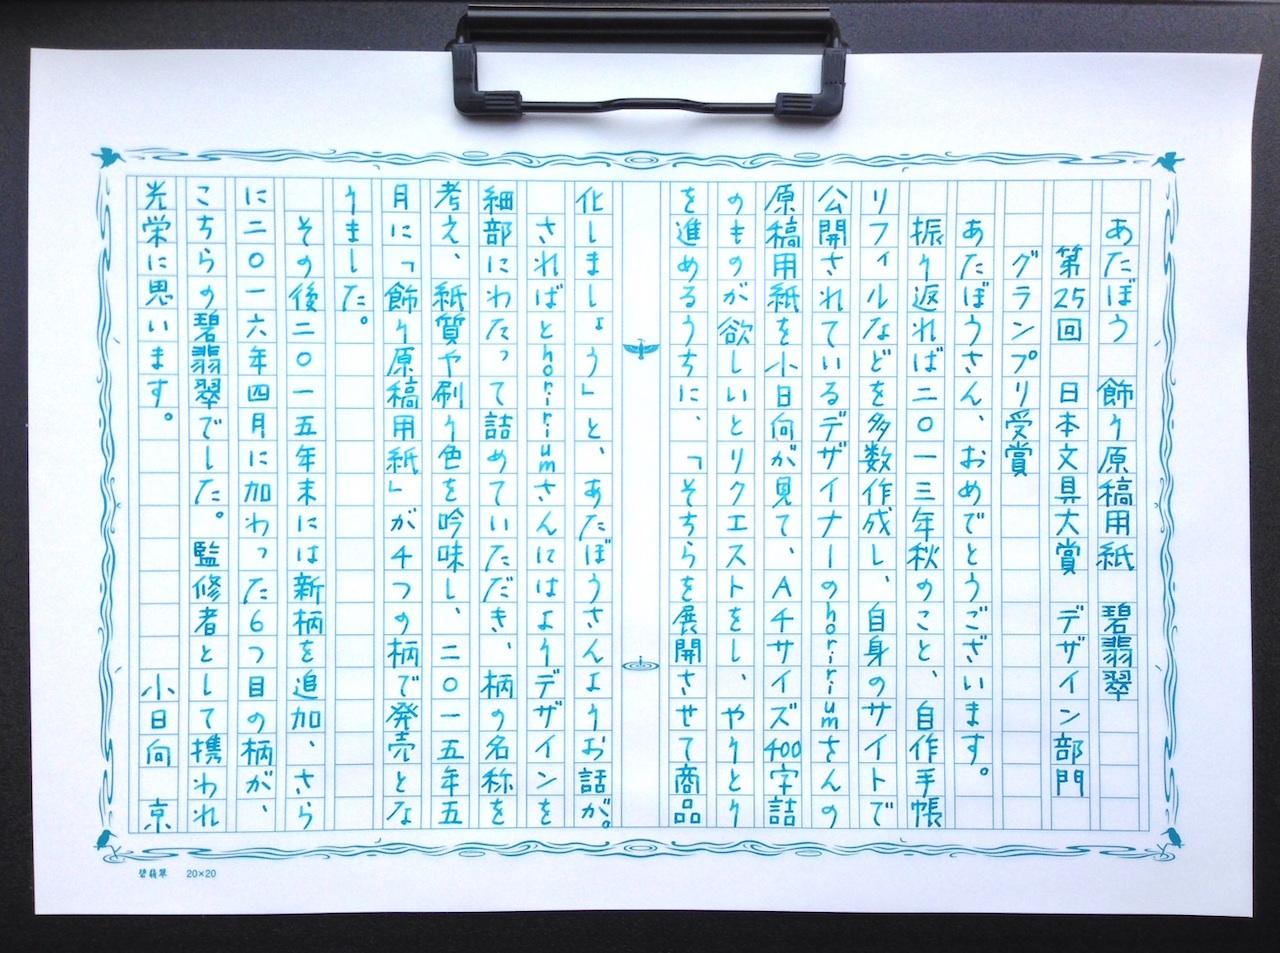 飾り原稿用紙・碧翡翠 日本文具大賞2016 デザイン部門 グランプリ受賞